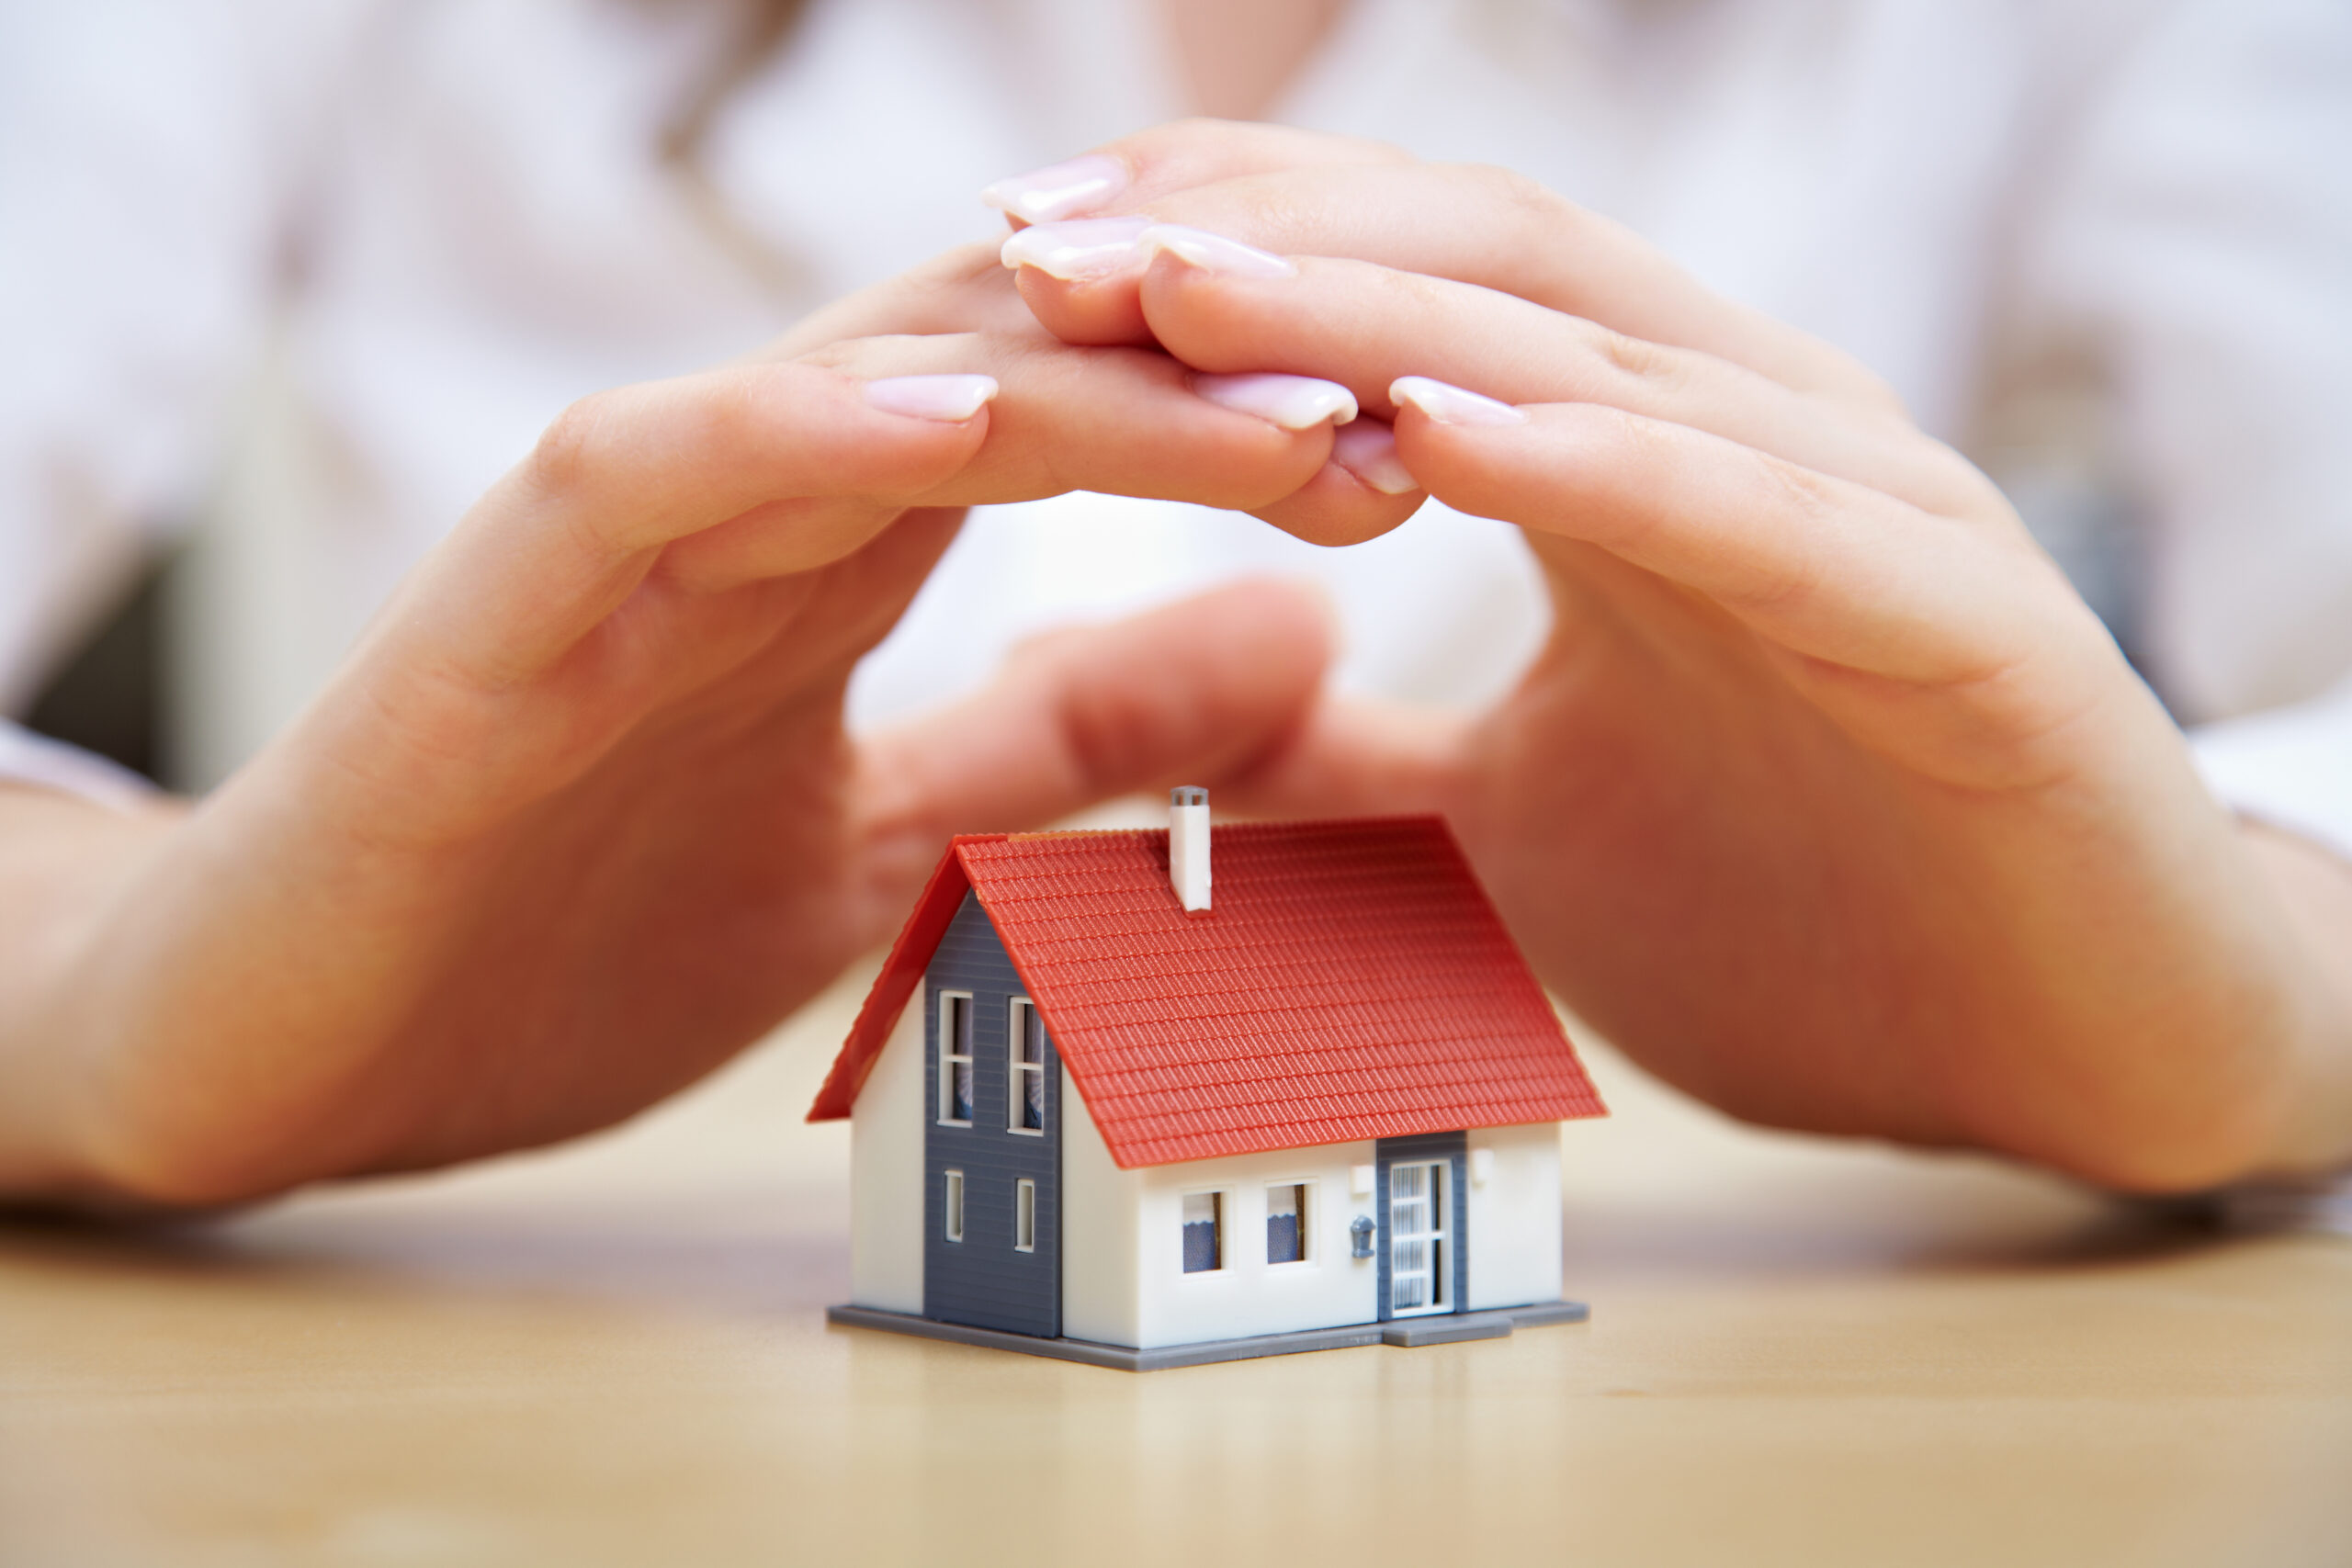 2020年4月施行の民法改正が不動産賃貸業に与える影響について Part3~賃貸借における連帯保証人契約の変更点について~